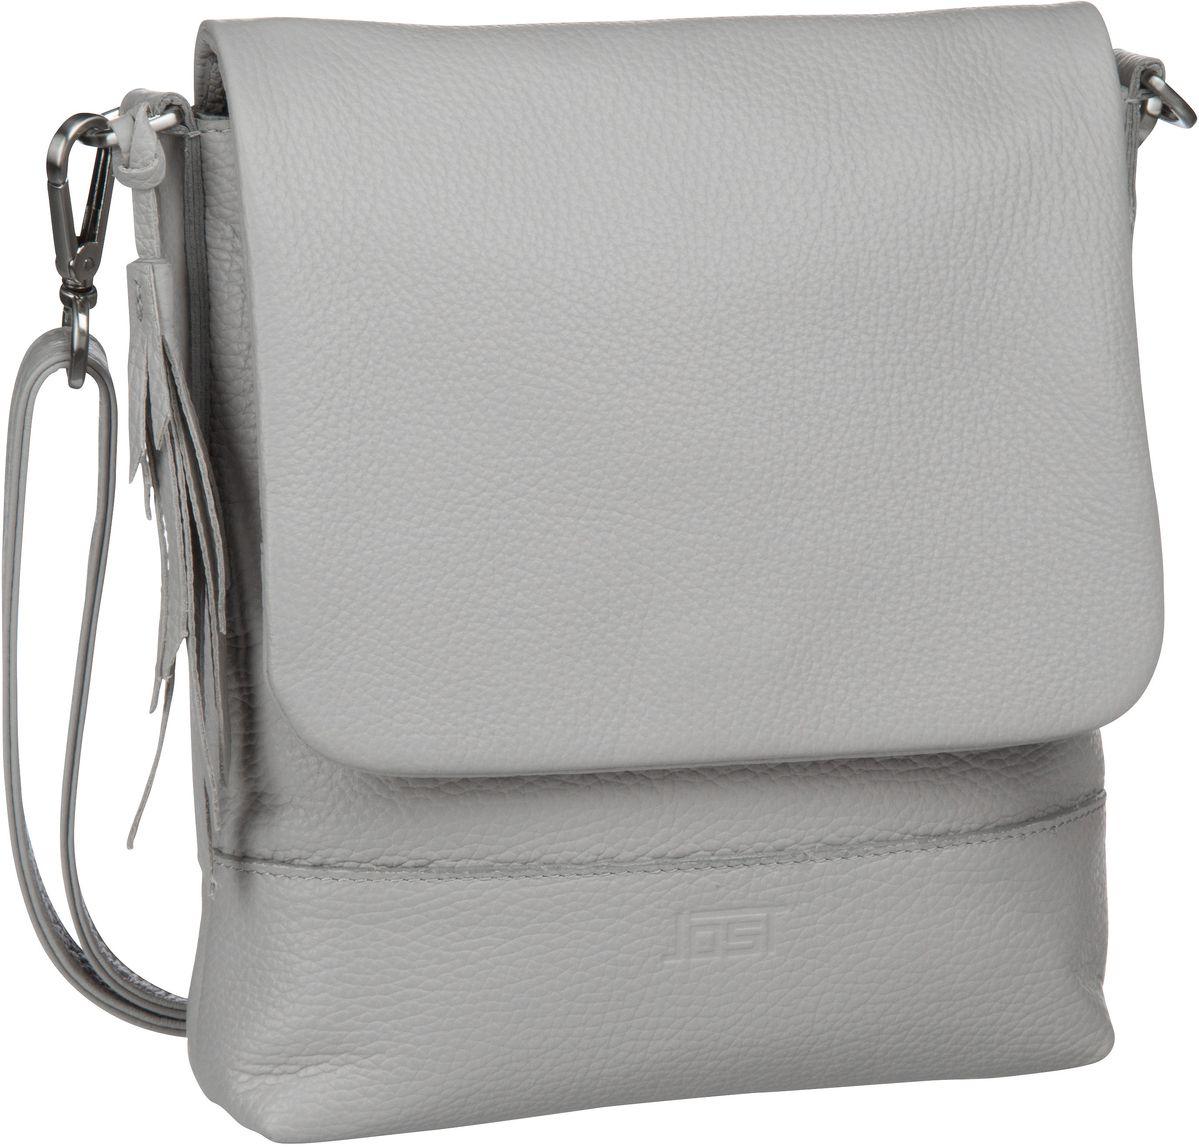 Schultertaschen für Frauen - Jost Umhängetasche Vika 1922 Umhängetasche S Grey  - Onlineshop Taschenkaufhaus